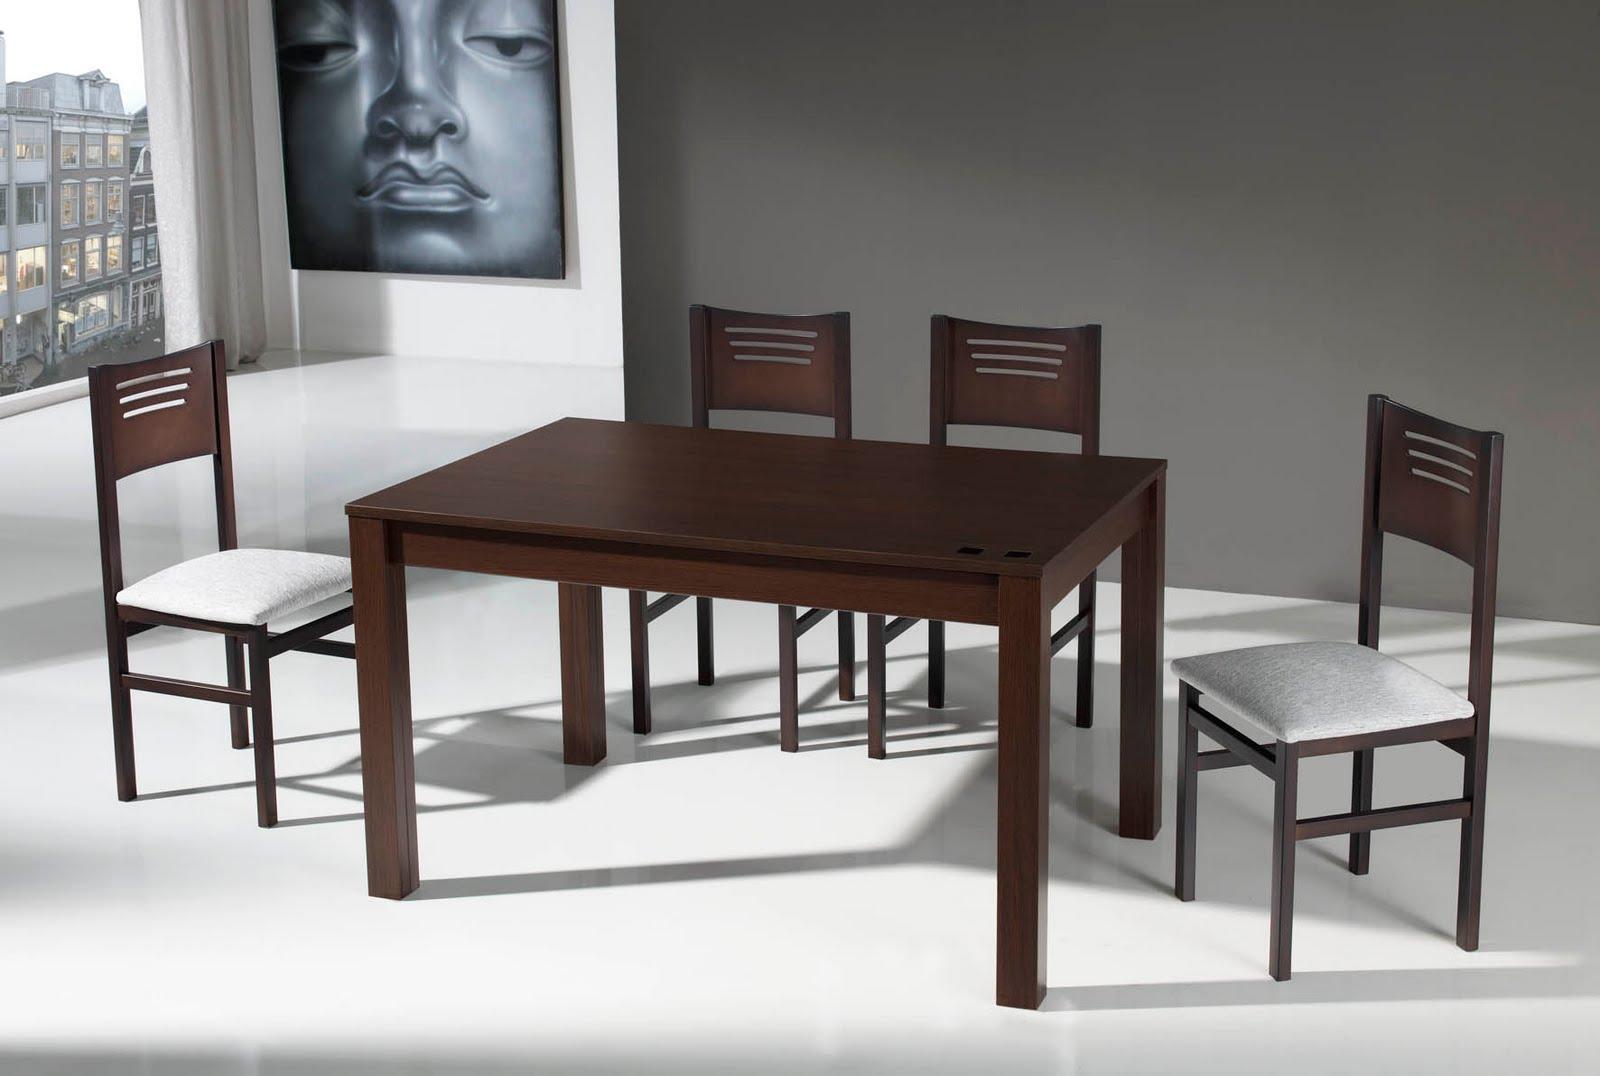 Muebles eduardo tallero mesas y sillas - Mesa comedor wengue ...